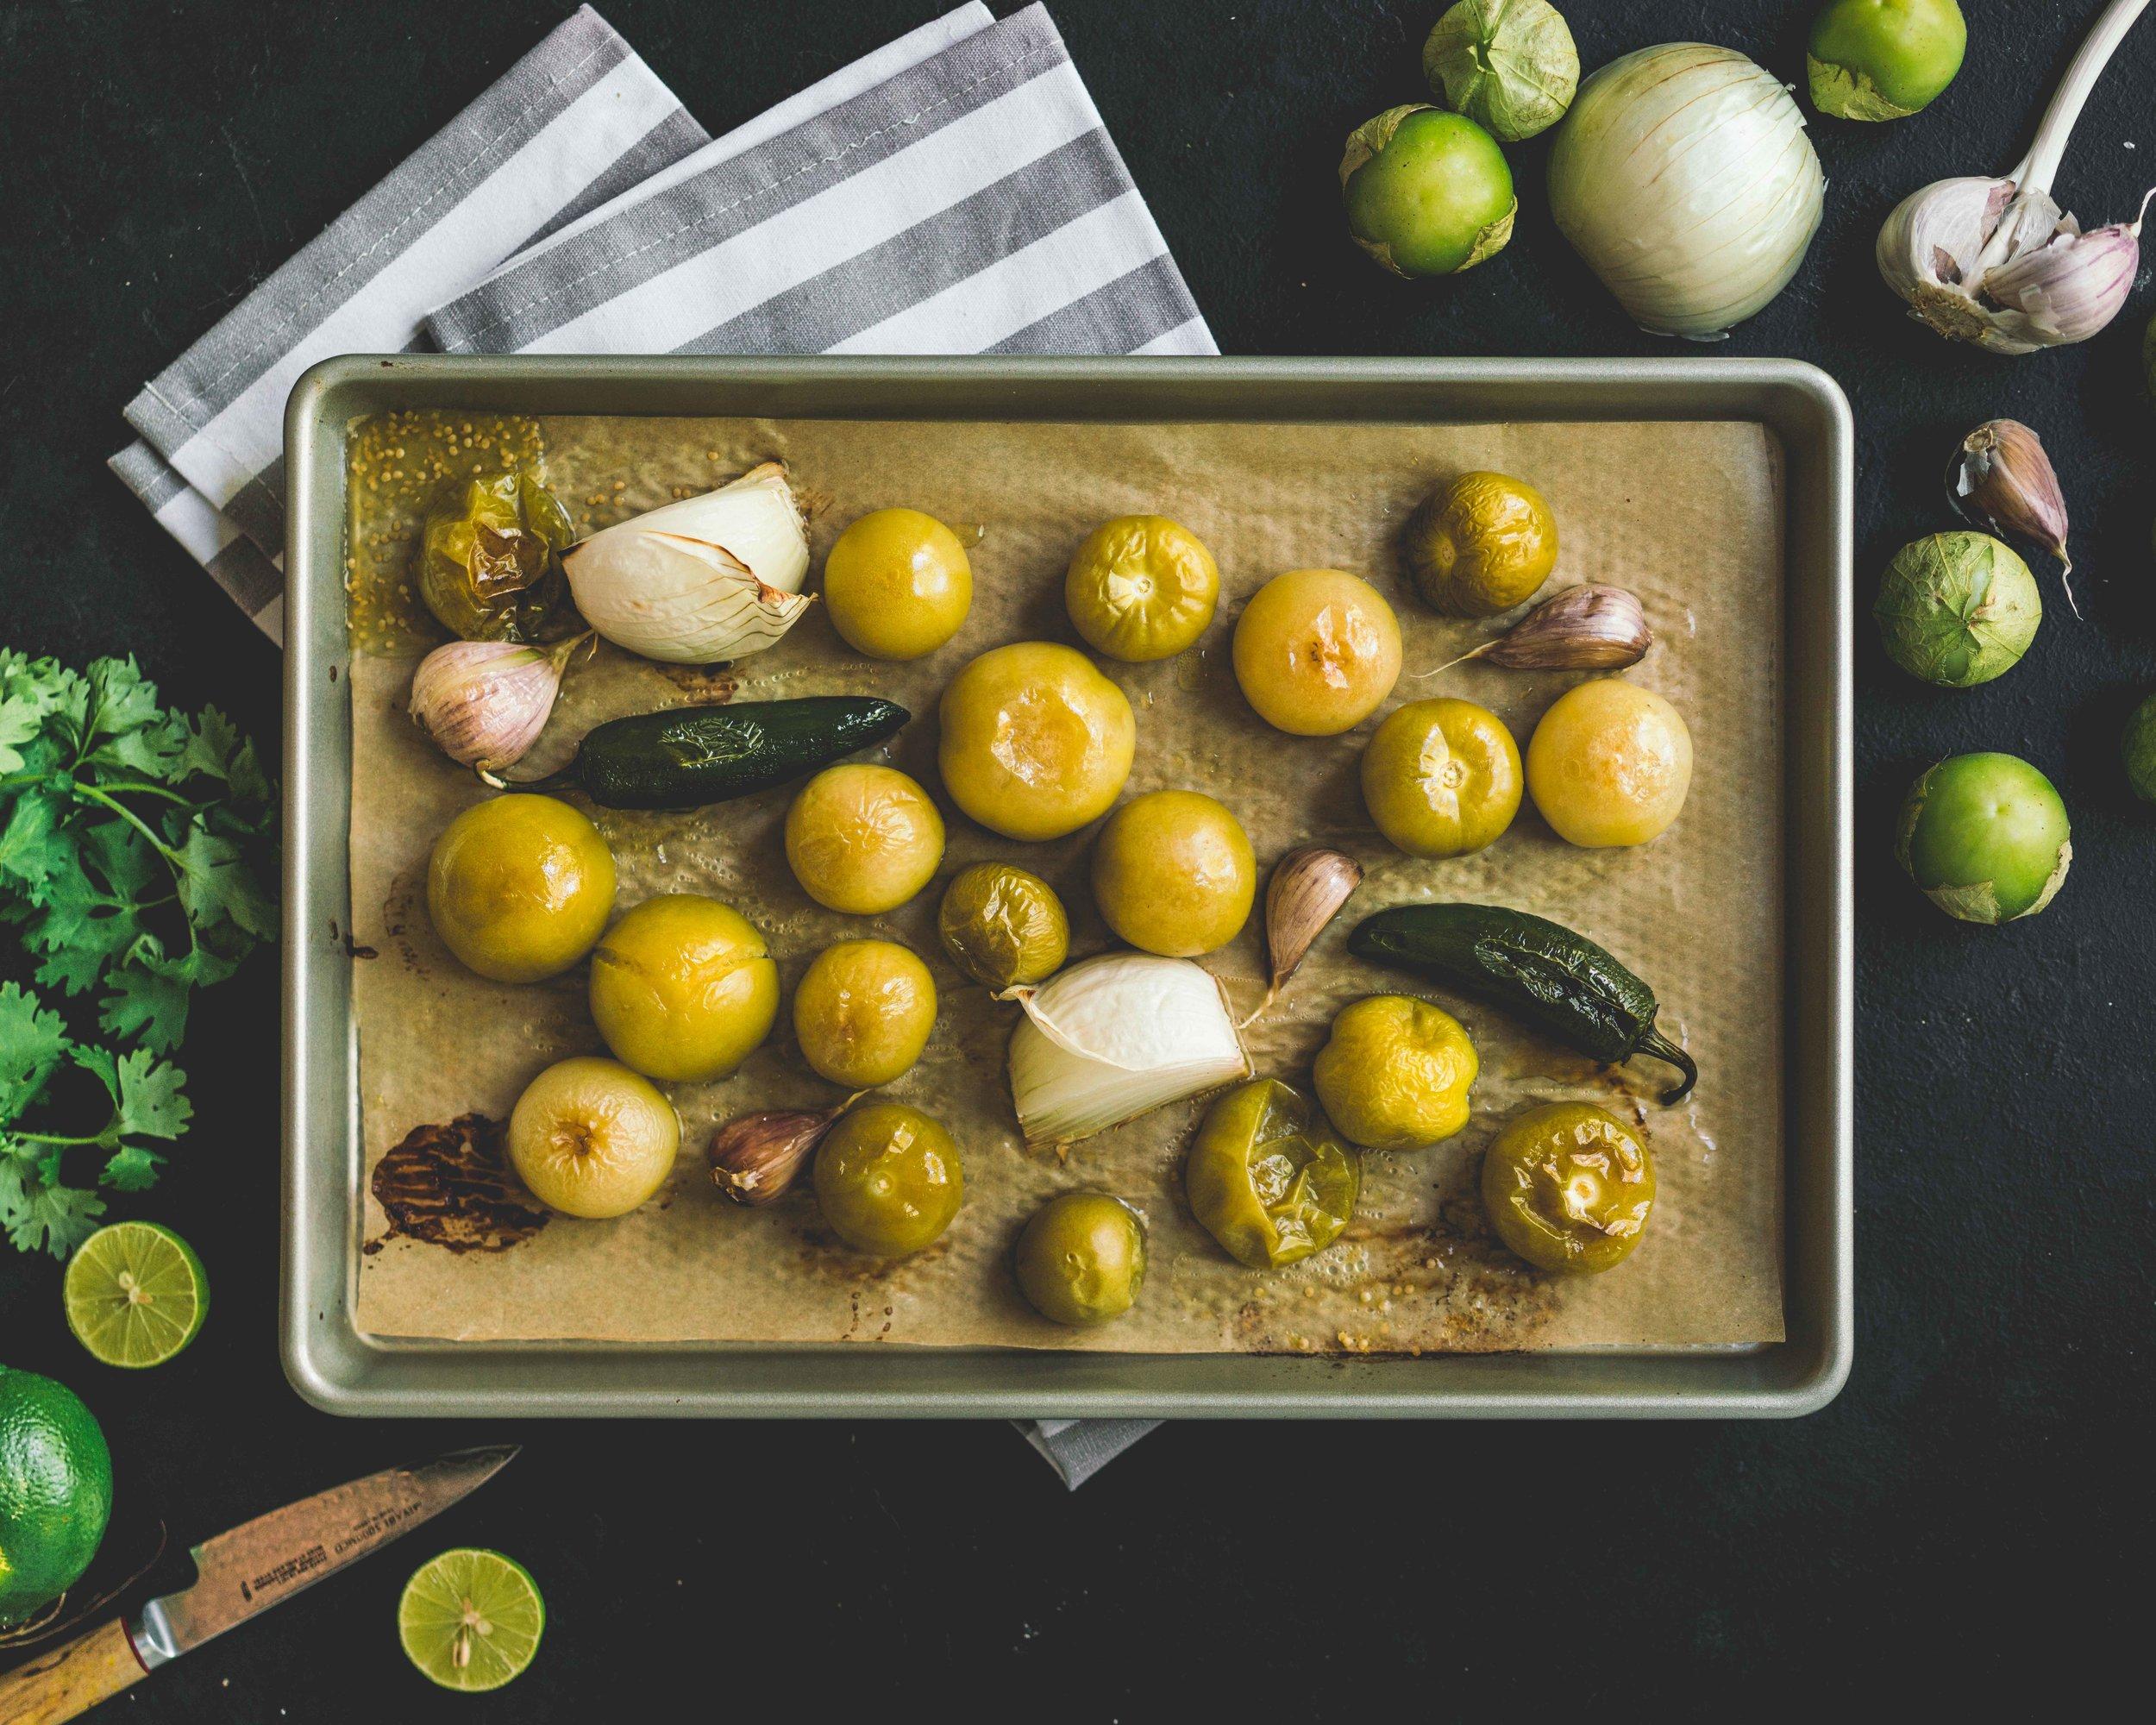 Roasted tomatillos, onion, jalapenos and garlic. Baking sheet from Paderno.